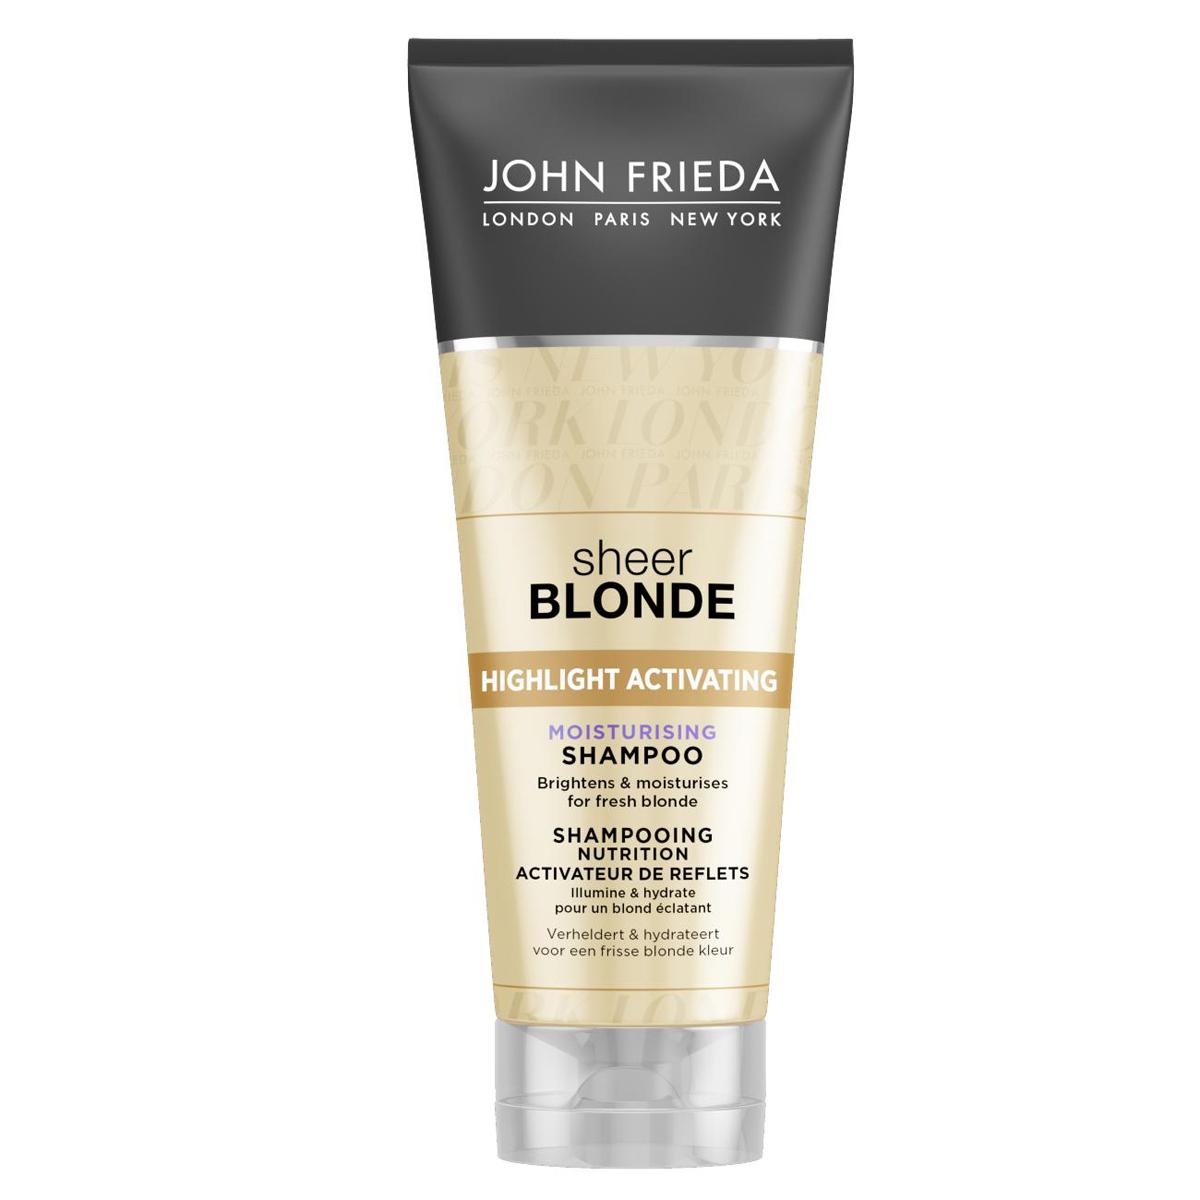 John Frieda Увлажняющий активирующий шампунь для оттенков светлый блондин, 250 млjf212110Увлажняет и возвращает сияние светлым волосам. Увлажняет и придает сияние светлым волосам. Формула увлажняющего шампуня содержит экстракты подсолнечника и белого чая, усиливает сияние любого оттенка светлых волос. Применение: Нанесите на влажные волосы, вспеньте и тщательно смойте. Для наилучшего результата и увлажнения волос далее используйте увлажняющий активирующий шампунь для светлых волос Sheer Blonde. НЕ ОКРАШИВАЕТ ВОЛОСЫ *Безопасен для натуральных, окрашенных и мелированных волос. Характеристики: Объем: 250 мл. Производитель: Великобритания. Товар сертифицирован.